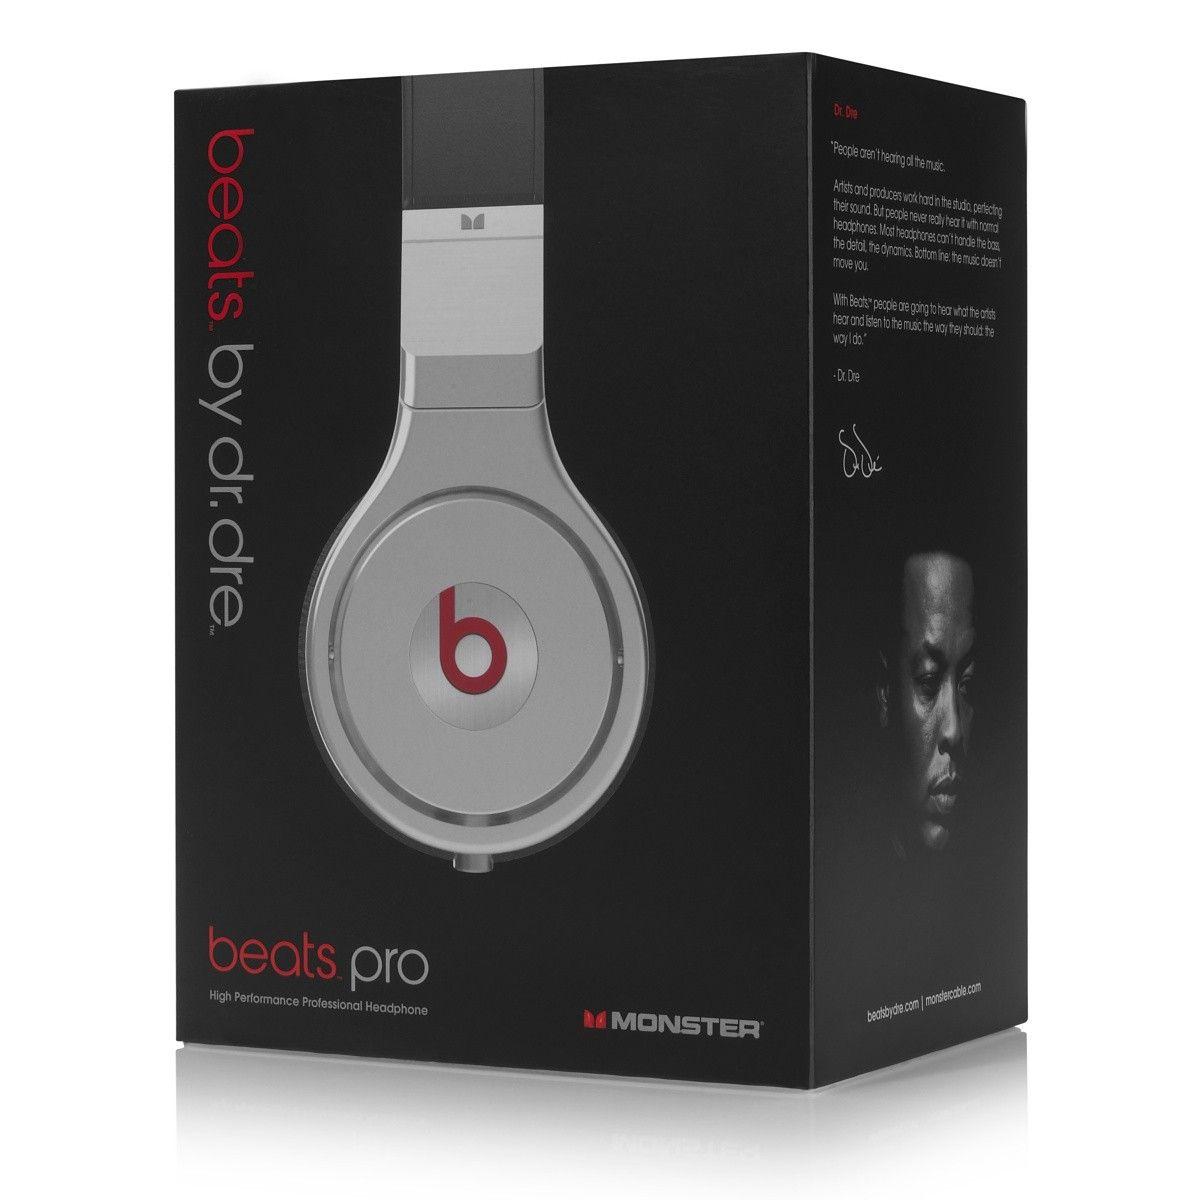 Le casque Beats Pro vous offre un son superbe, avec une réponse de basses et un son profonds d'un bout à l'autre du spectre sonore.